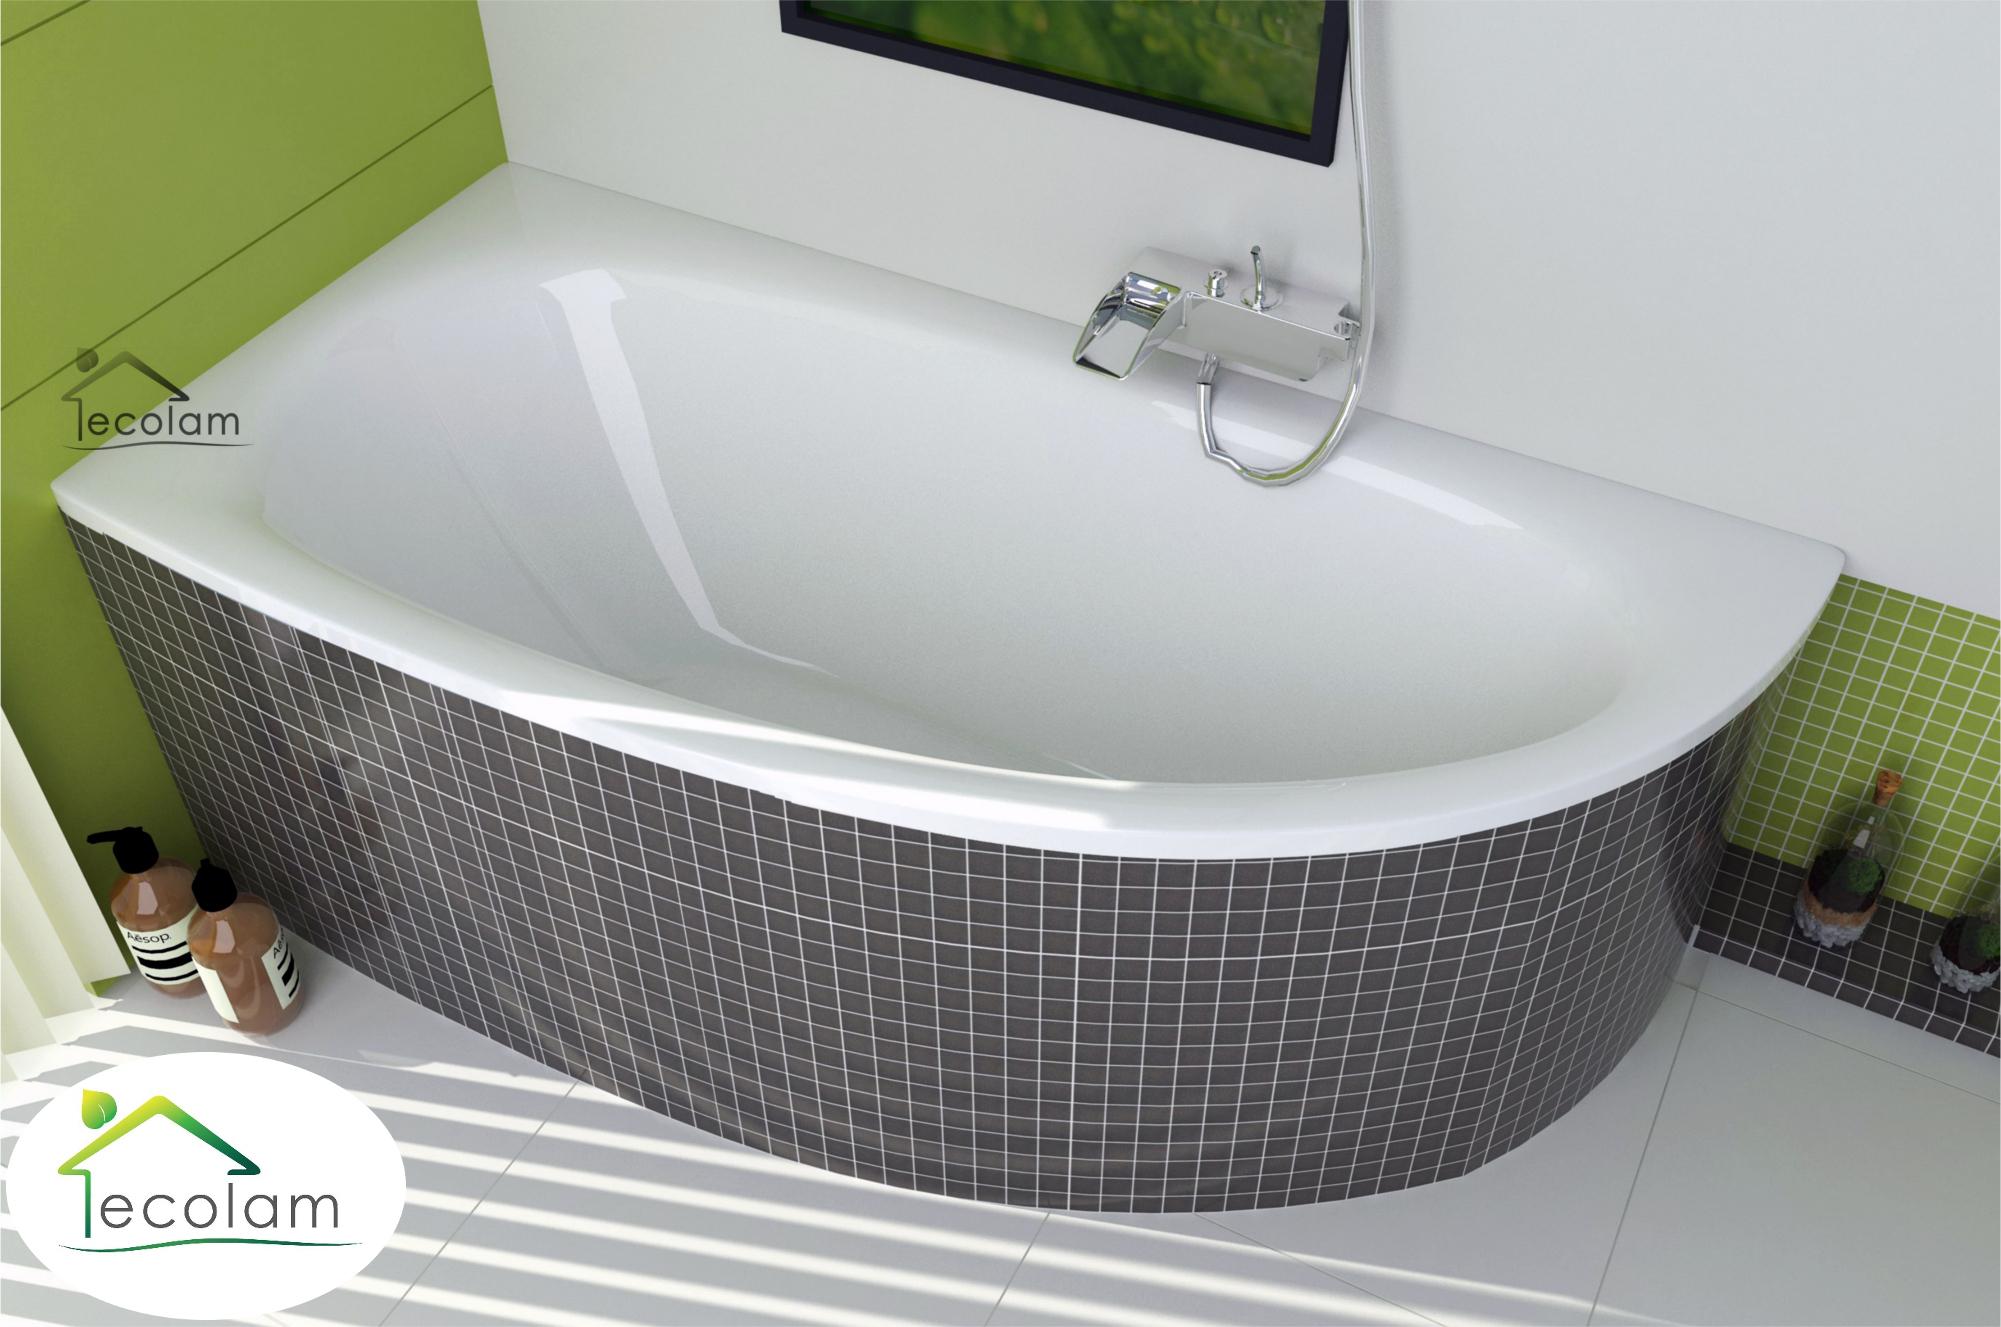 badewanne eckbadewanne acryl ablauf 150 x 70 cm ohne mit wannentr ger links m ebay. Black Bedroom Furniture Sets. Home Design Ideas